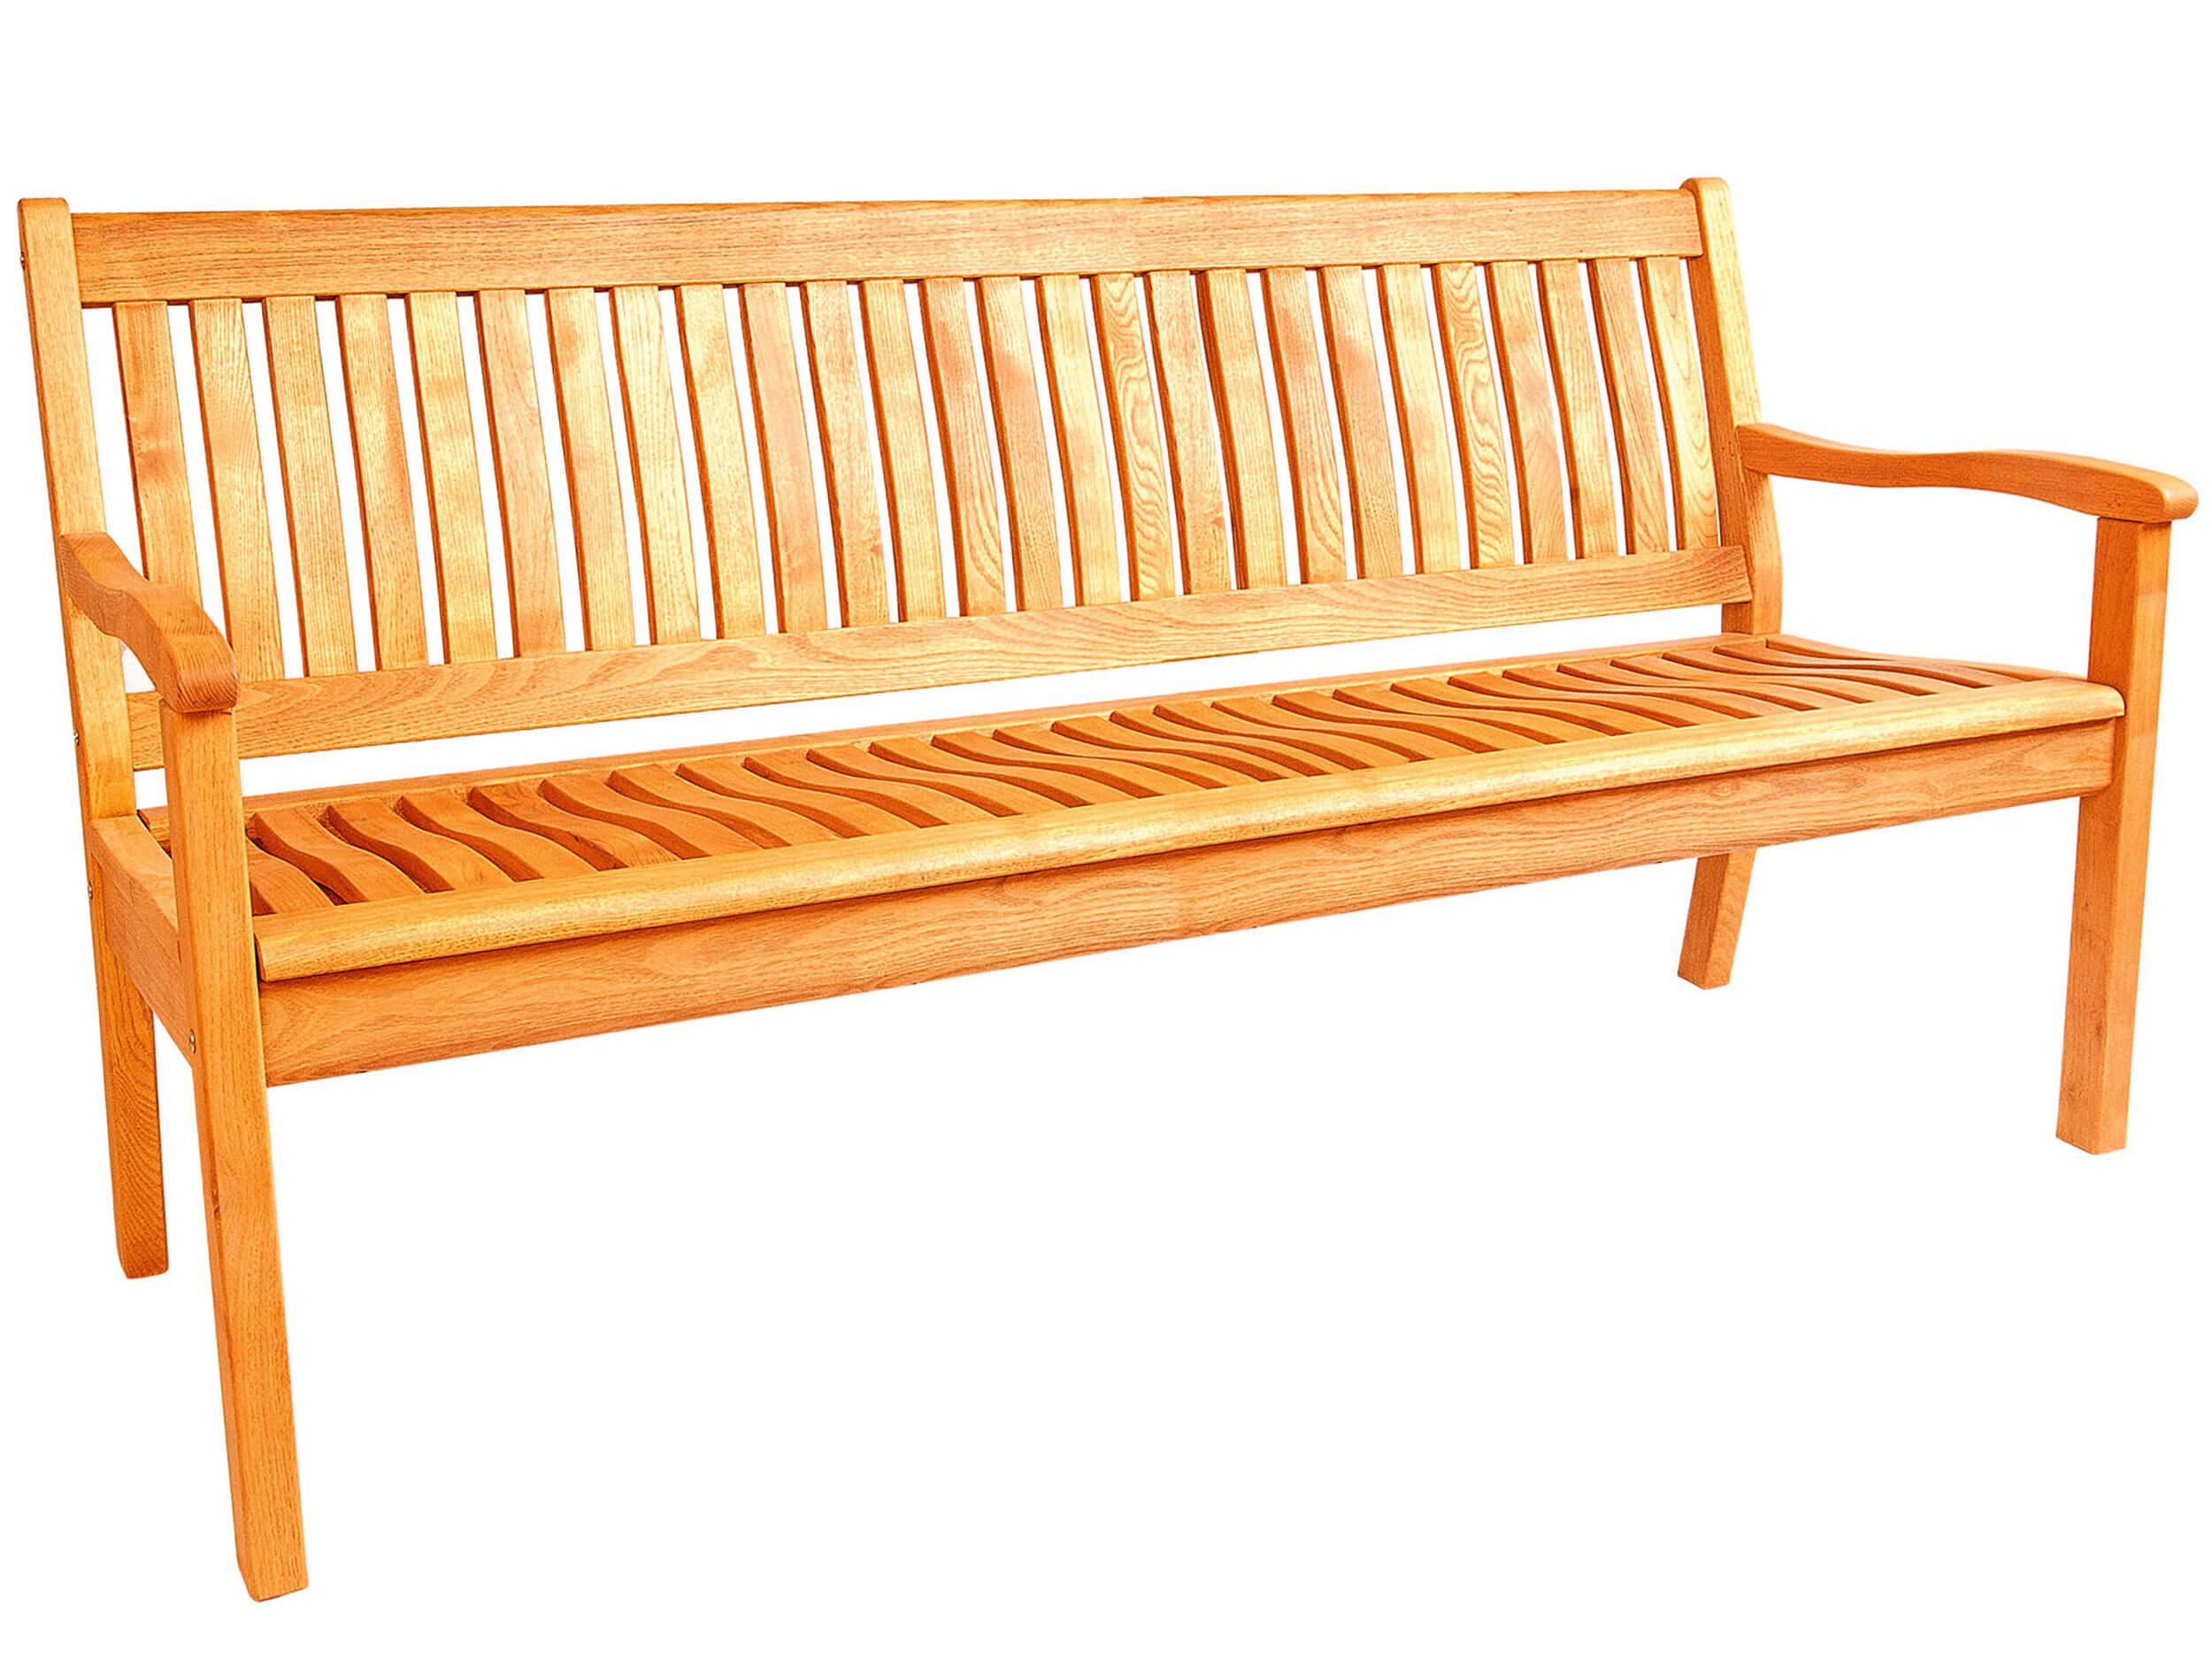 Holz Gartenbank Kansas 160cm 3 Sitzer